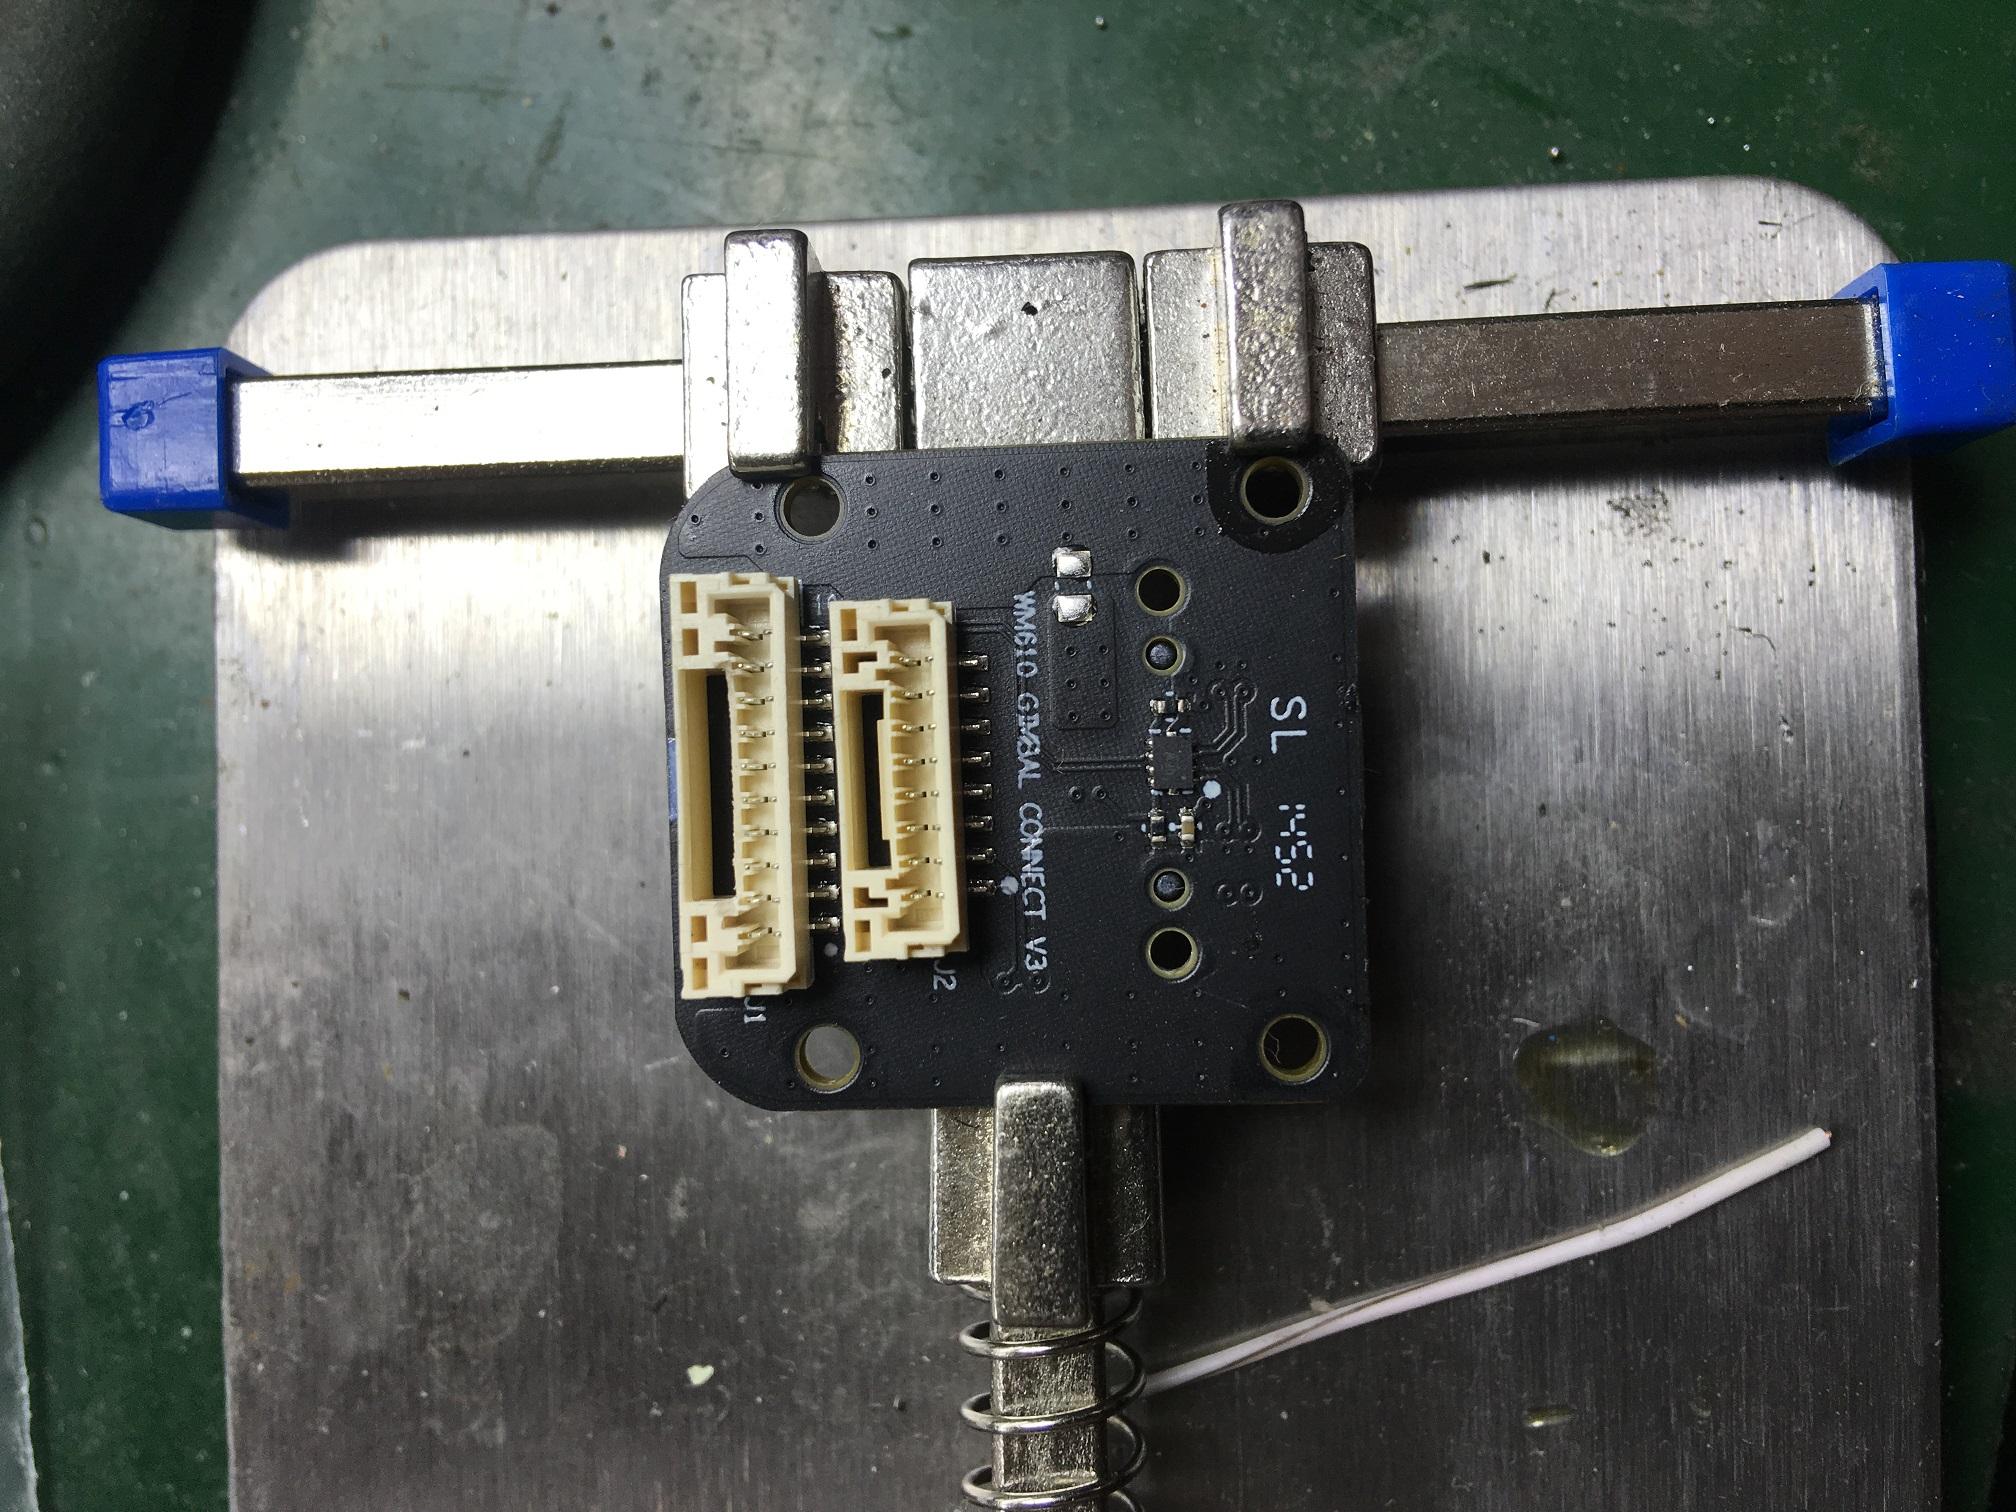 云台10P插口锁块扯断了